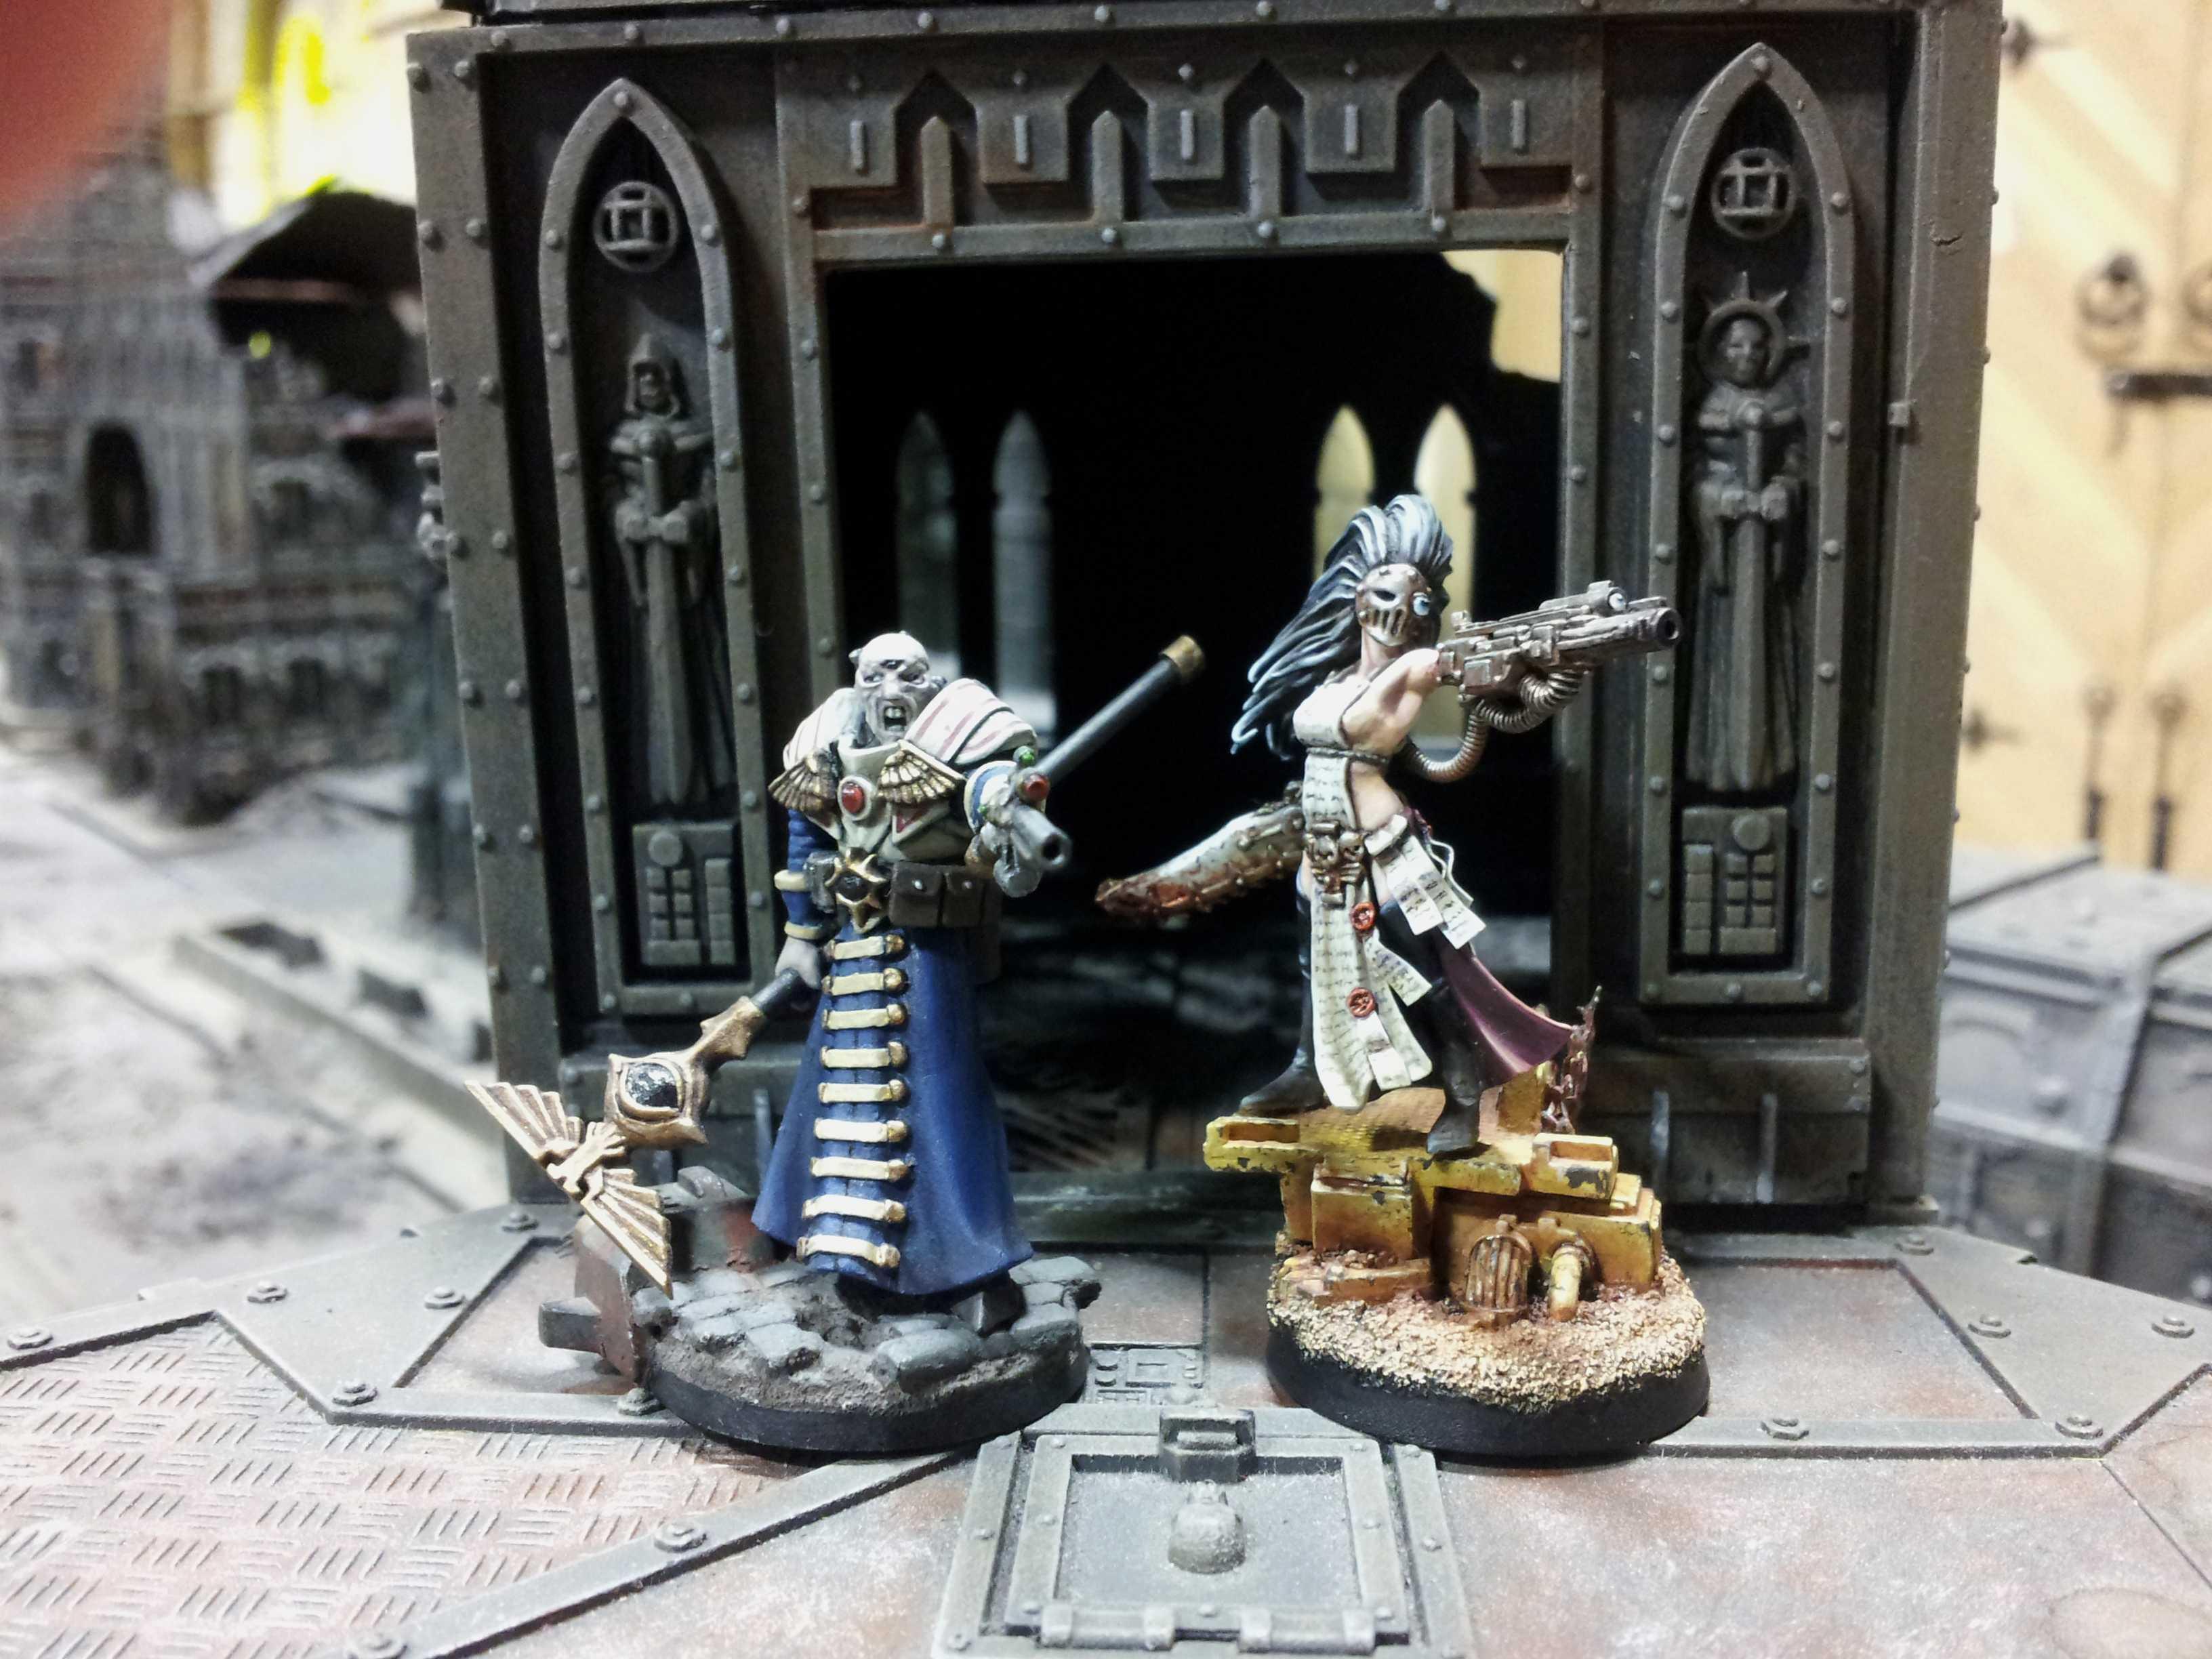 Inquisitor, Jrn, Navigator, Pimp My Wizard, Warhammer 40,000